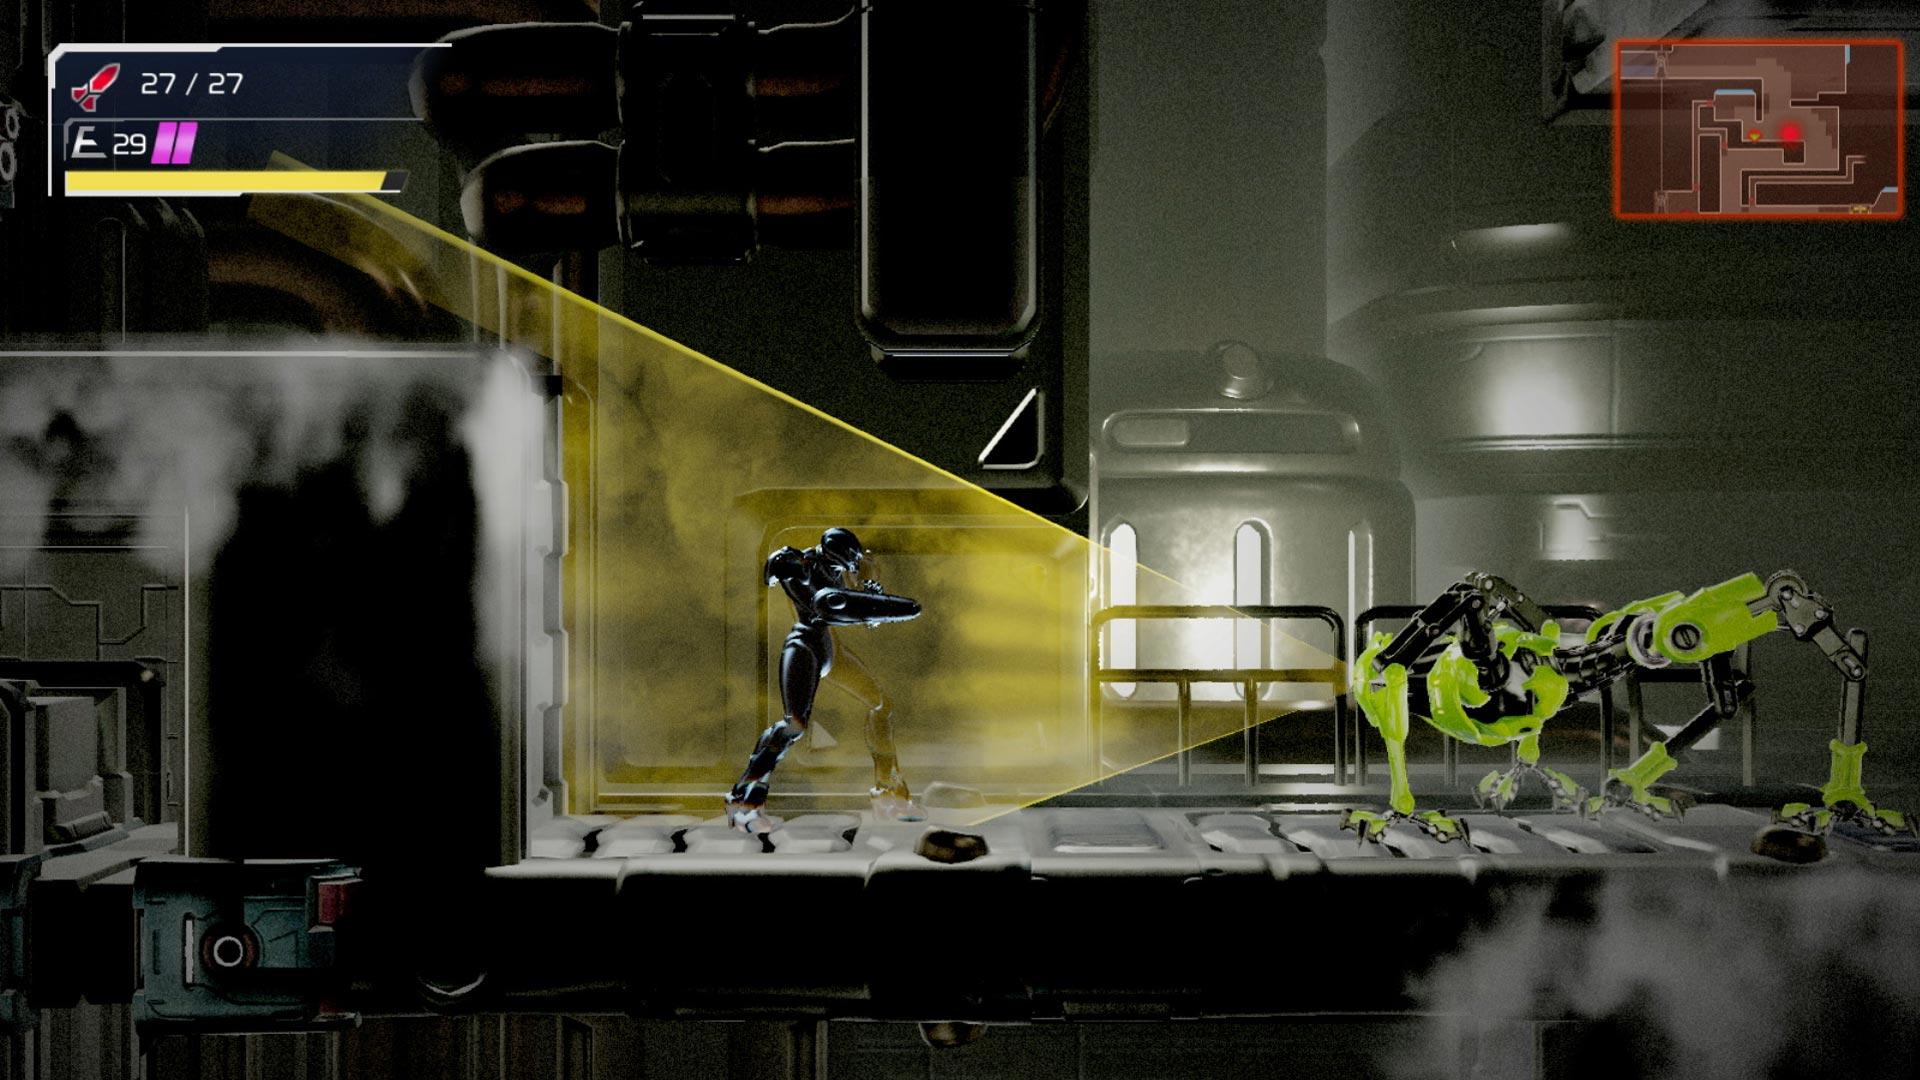 Samus Aran trant sich vor einem Roboter im Spiel Metroid Dread